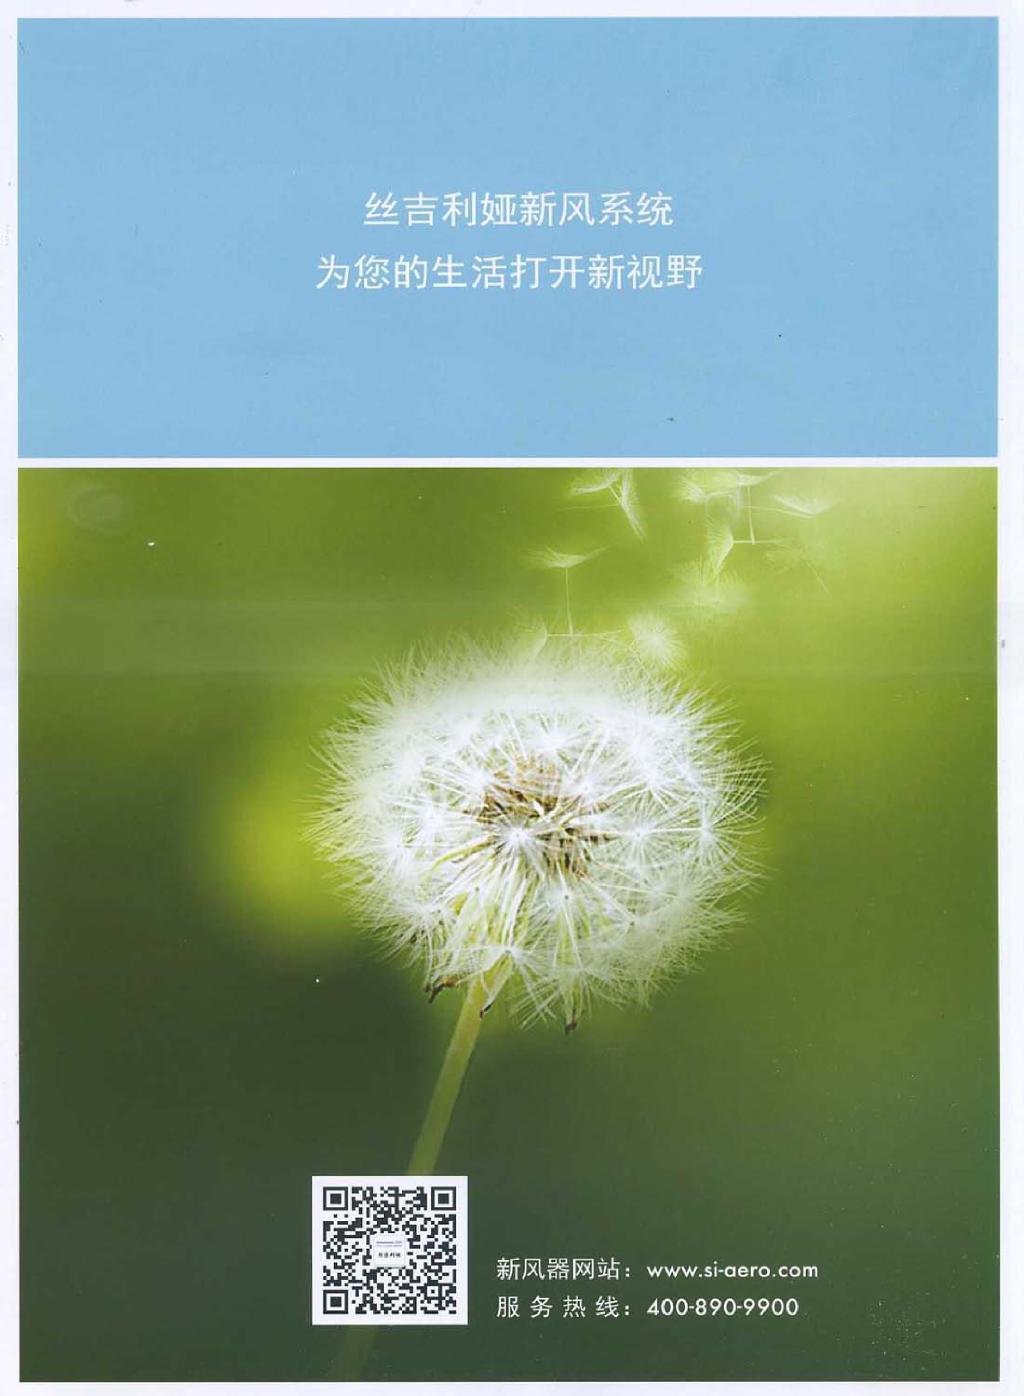 背景 壁纸 矢量 植物 种子 1024_1396 竖版 竖屏 手机